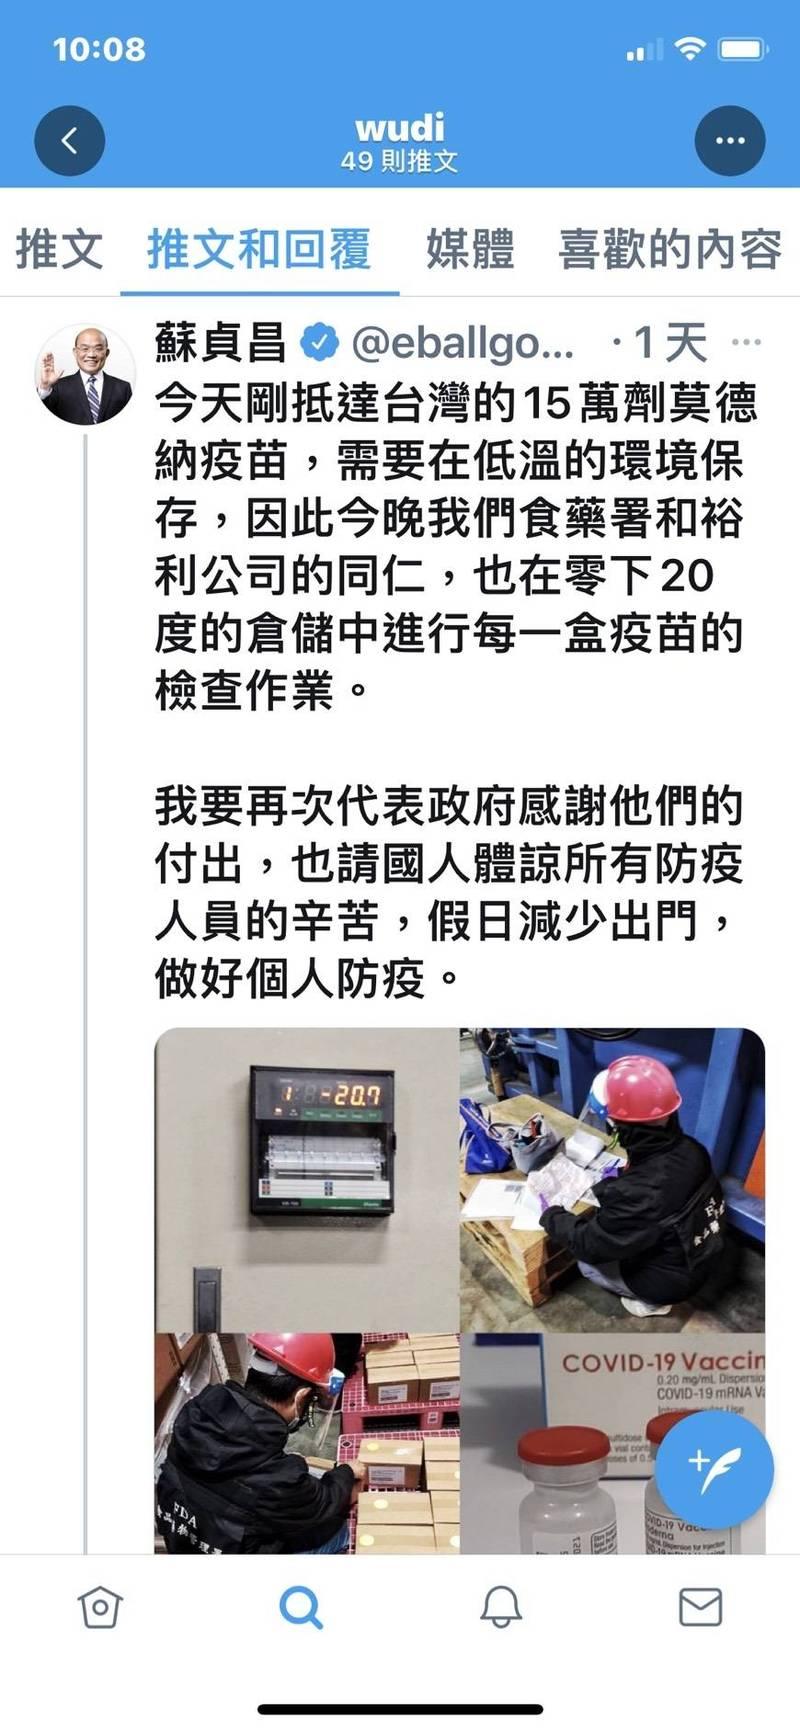 莫德納疫苗來台,行政院長蘇貞昌感謝同仁辛苦付出,卻有人在底下留言假訊息,要「大家千萬不要打這批疫苗」,警方獲報偵辦中。(記者姚岳宏翻攝)